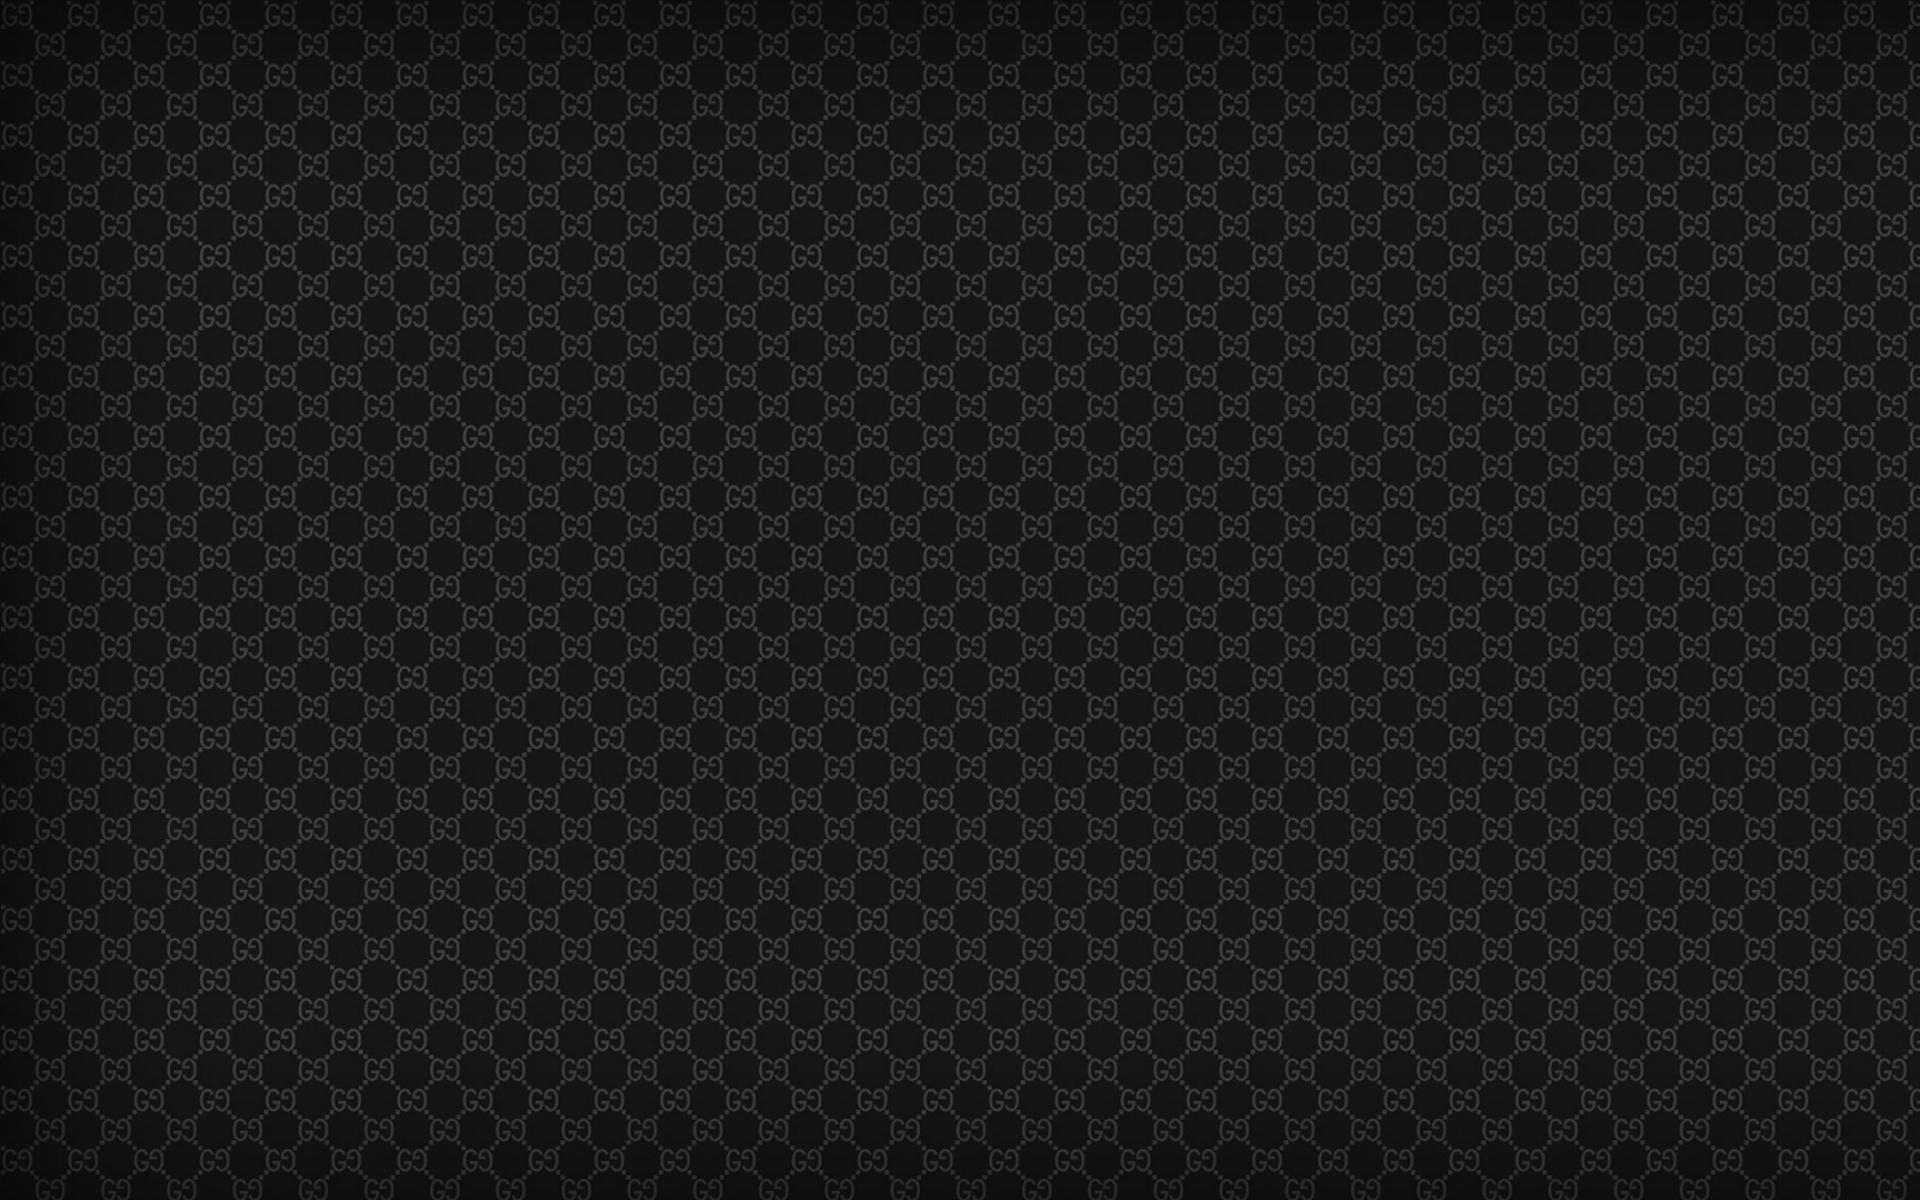 black gucci pattern ipad wallpaper ipad iphone hd wallpaper 1920x1200